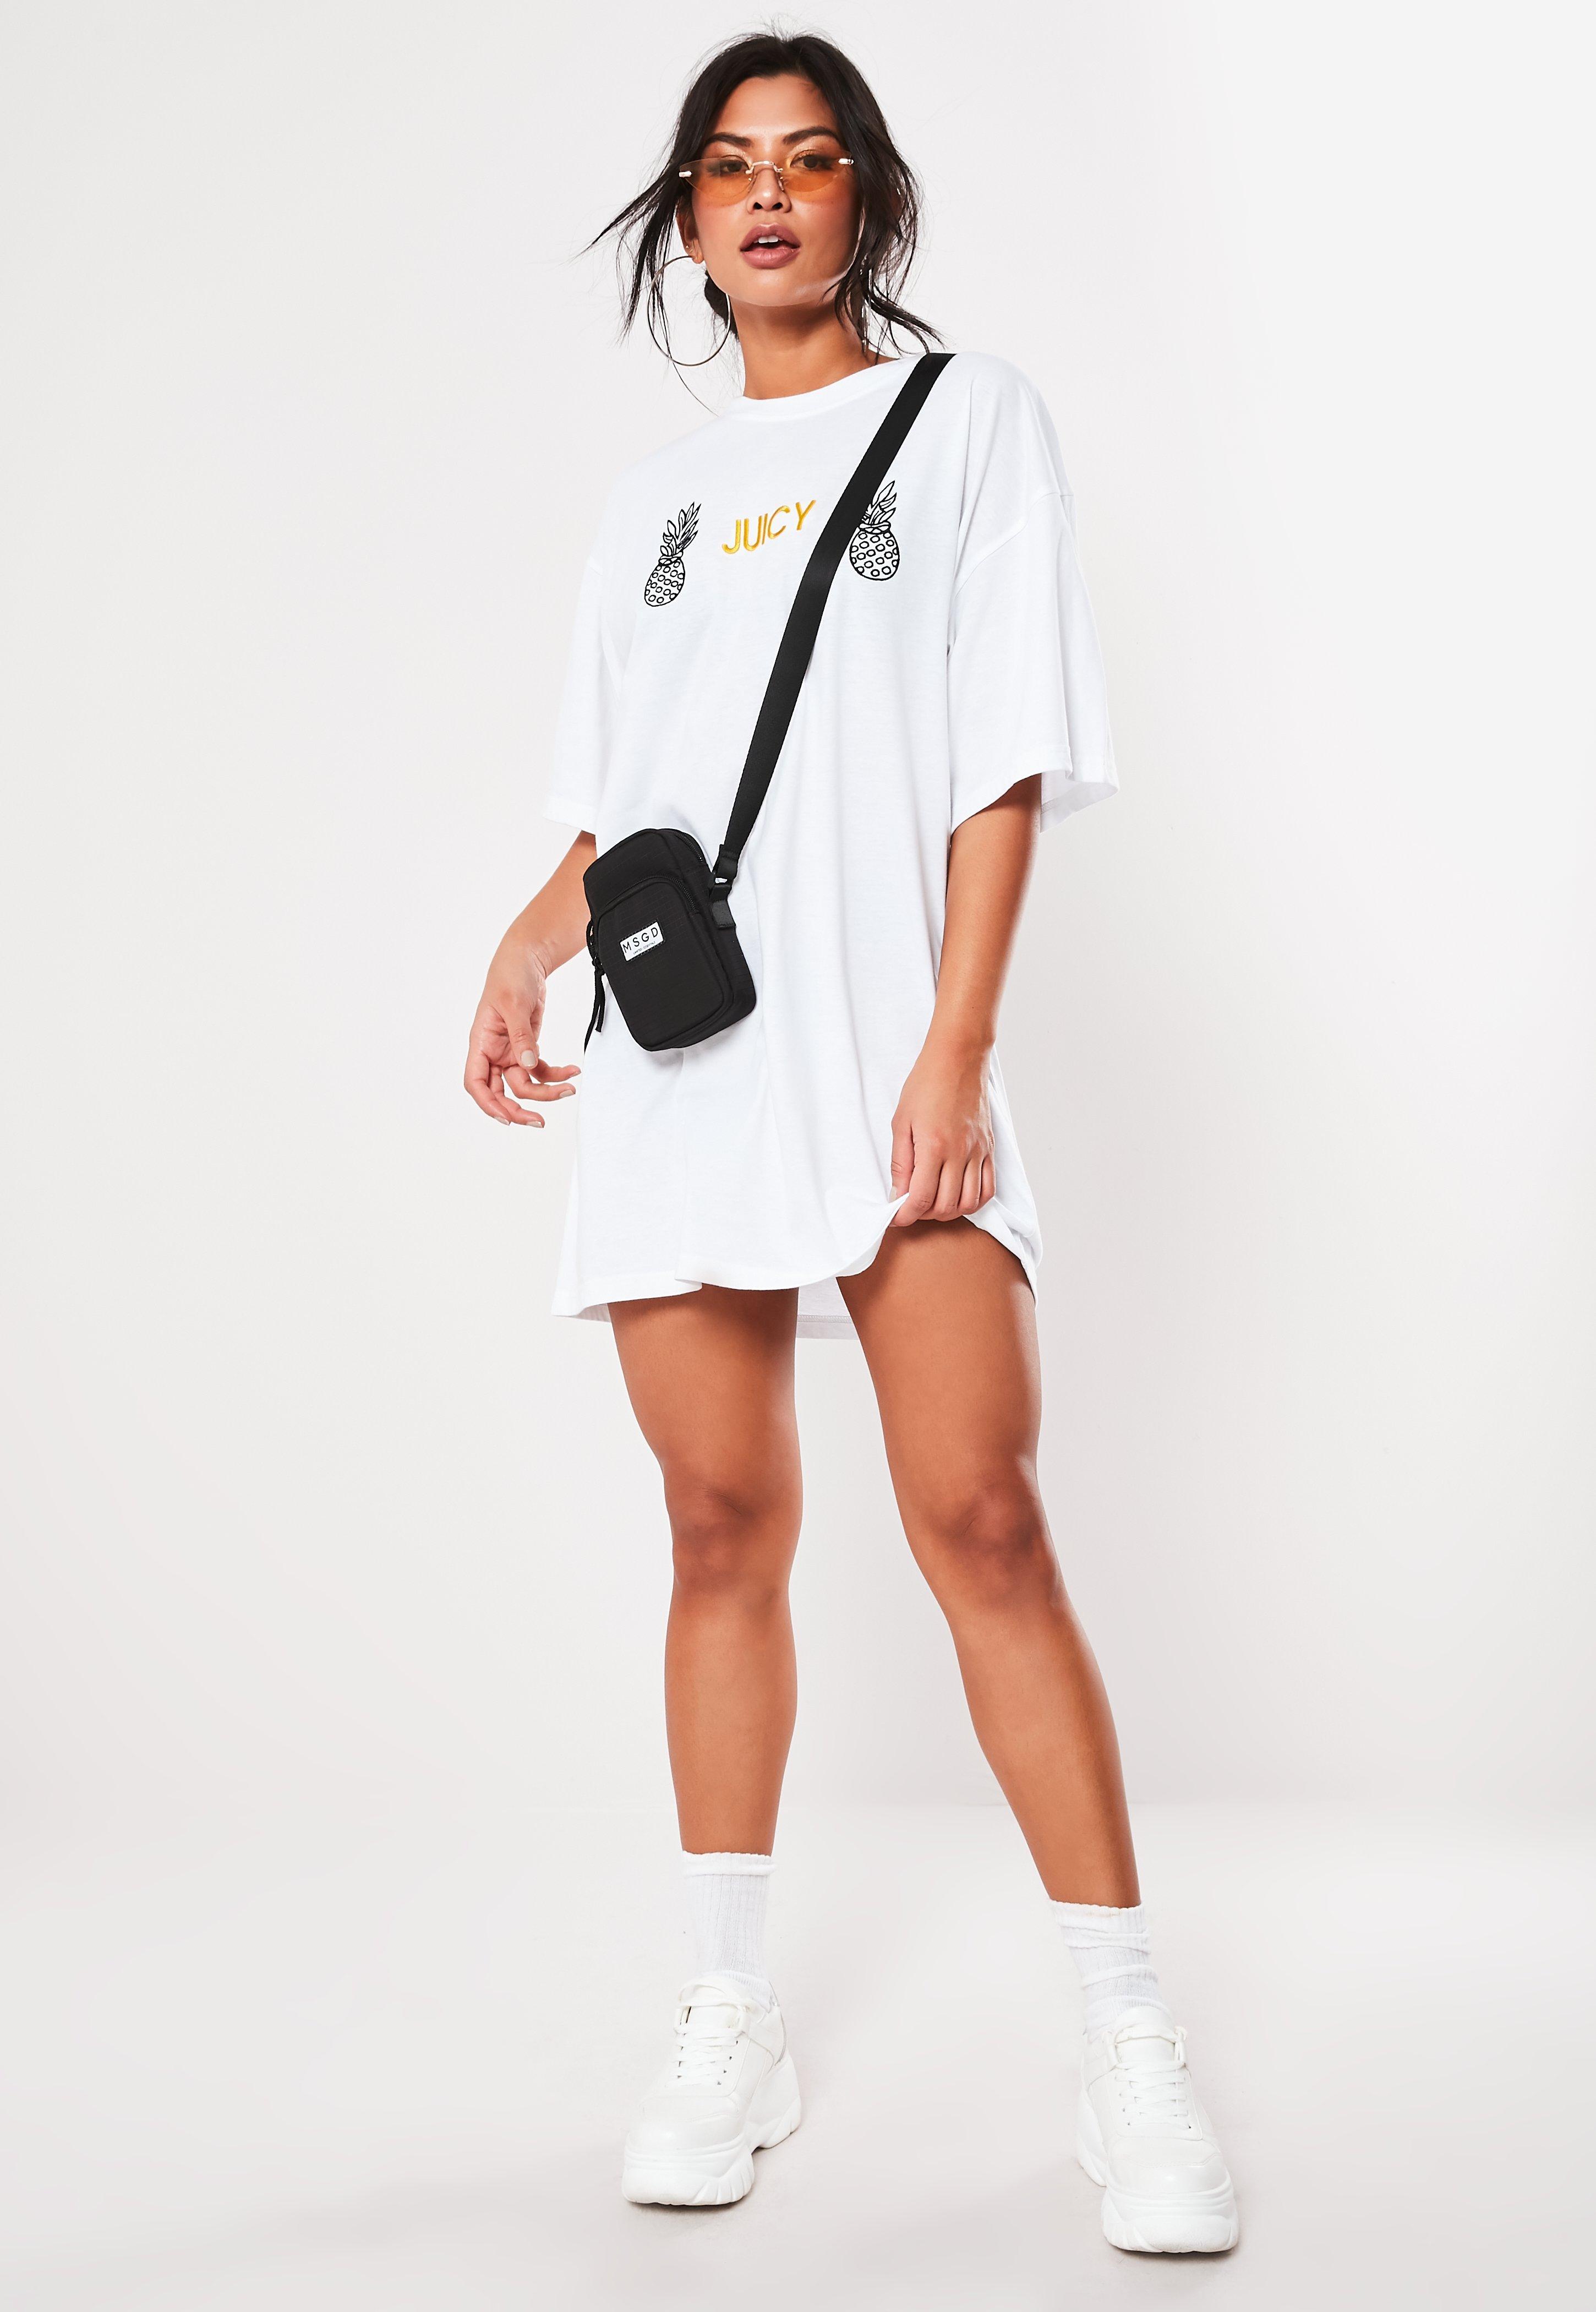 689625c6146 T Shirt Dresses